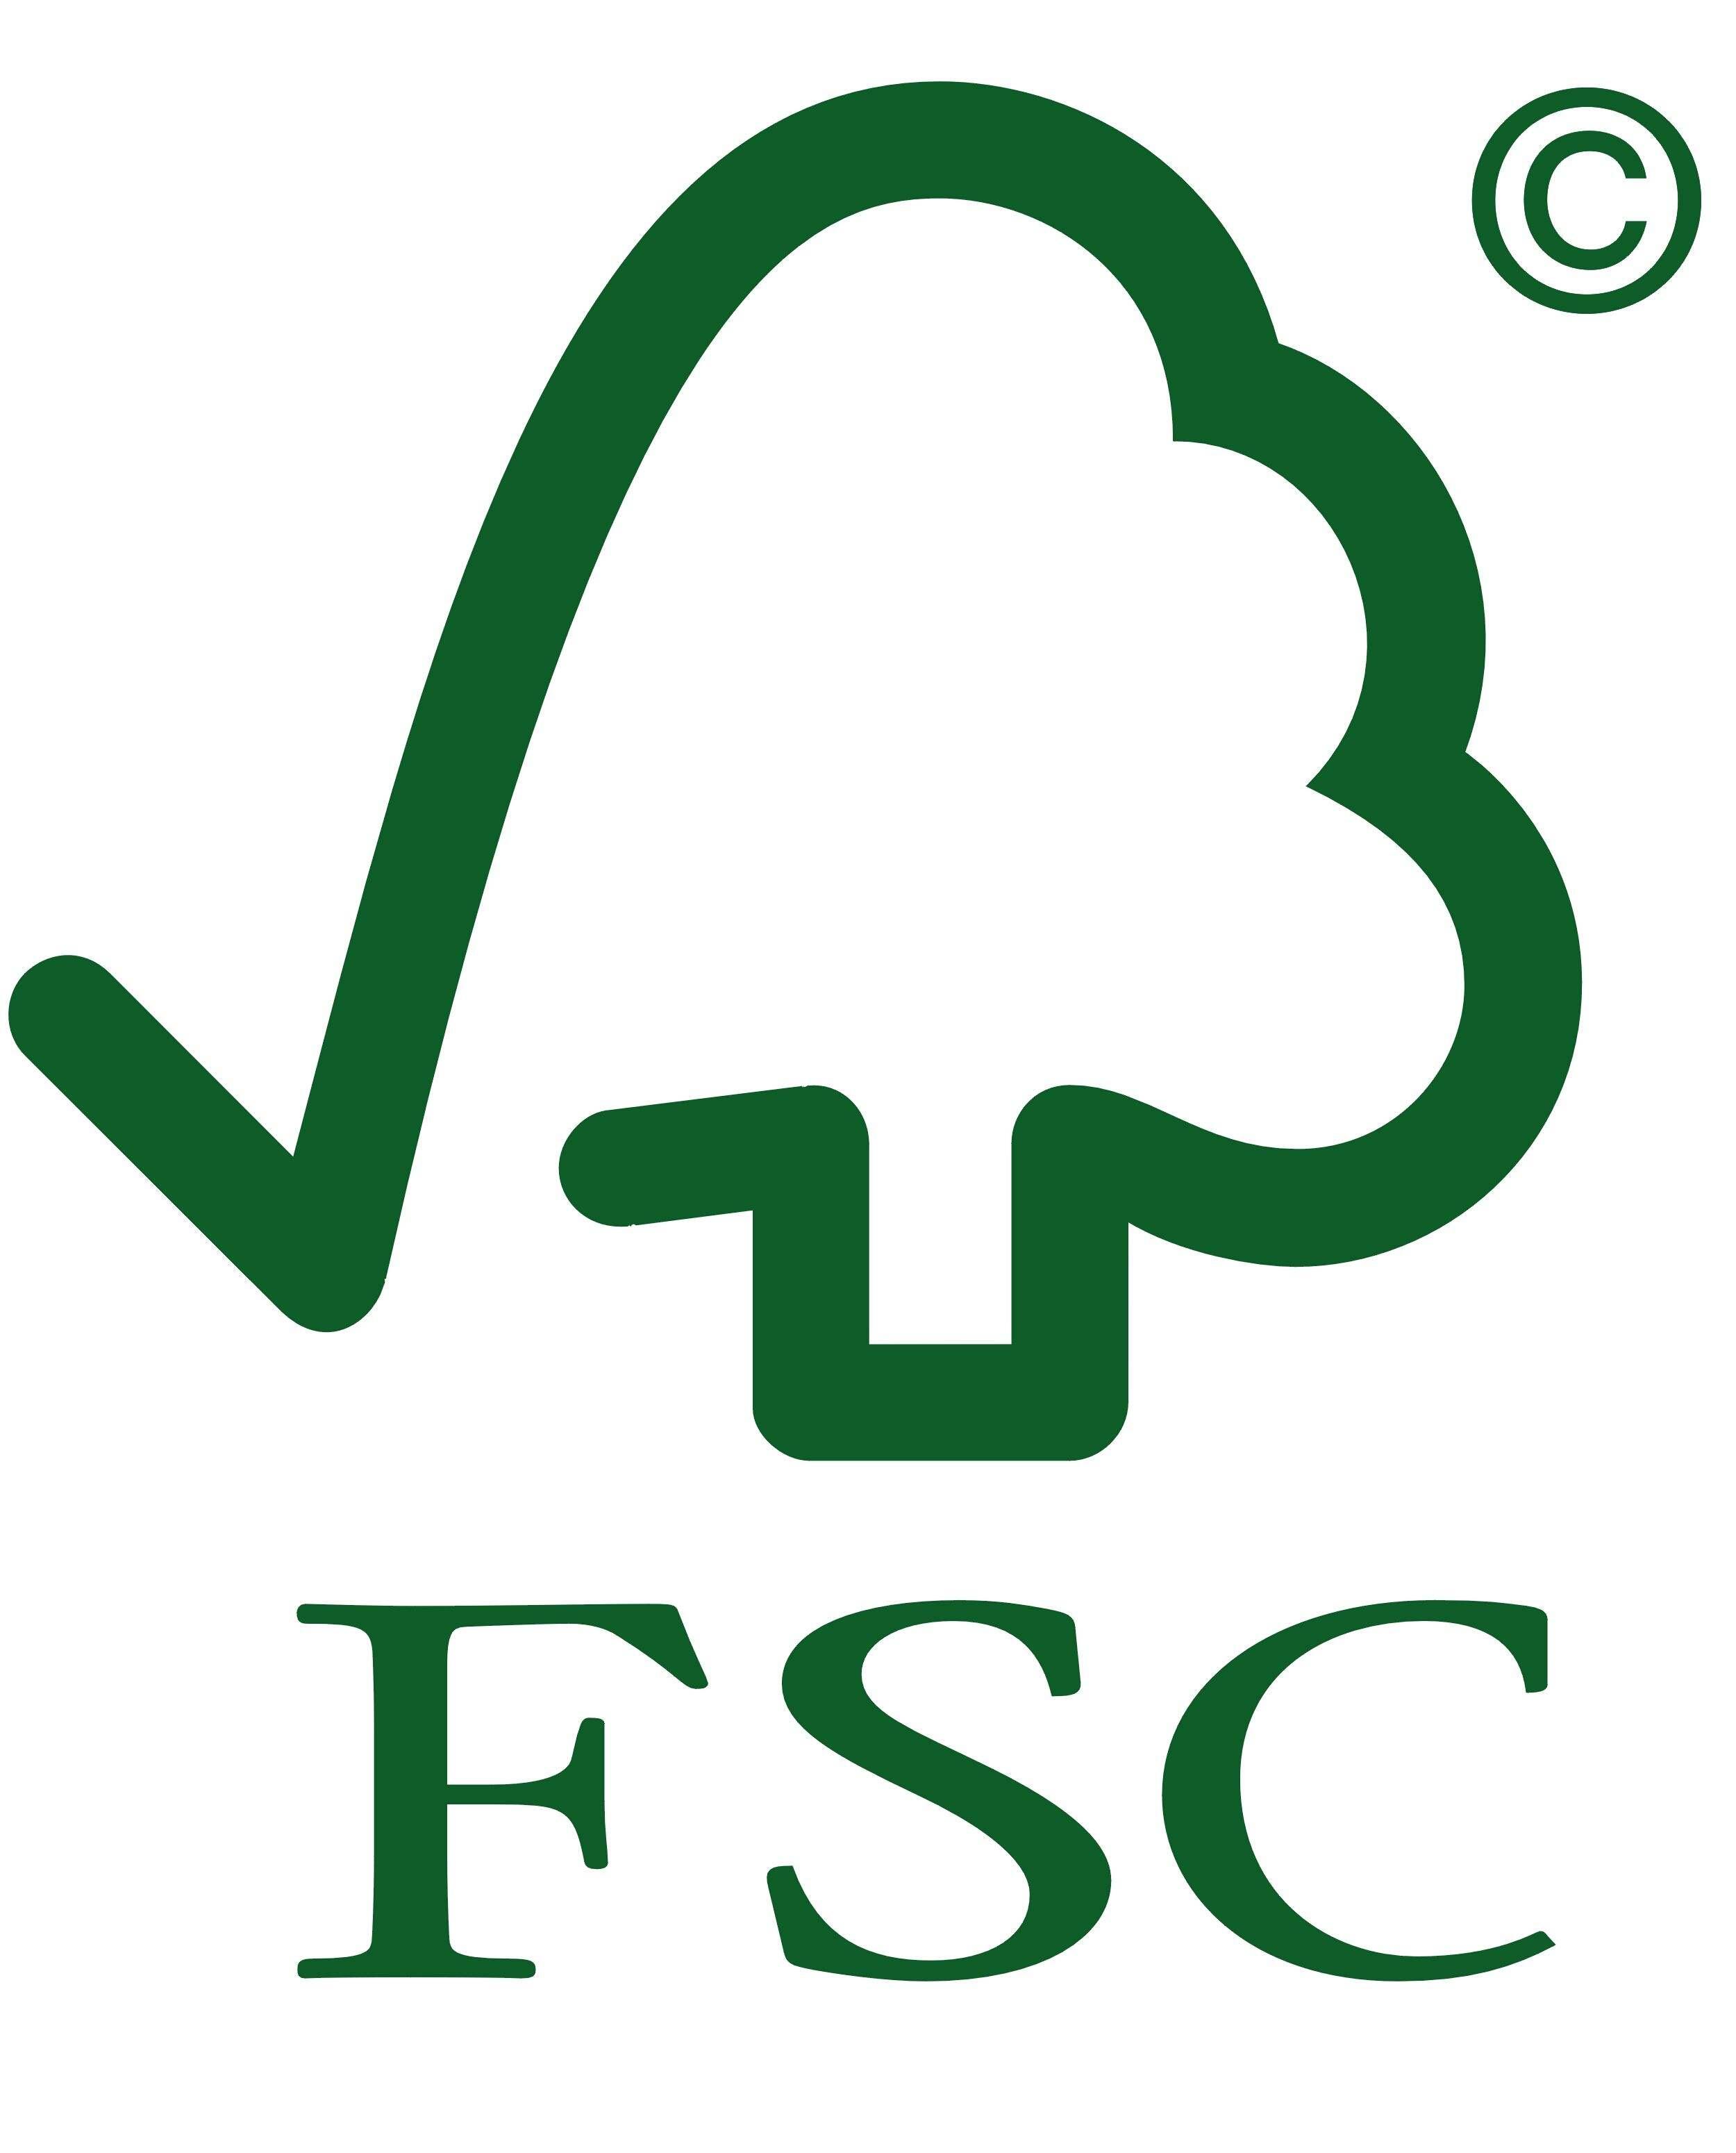 FSC认证和FSC-COC认证是什么关系?